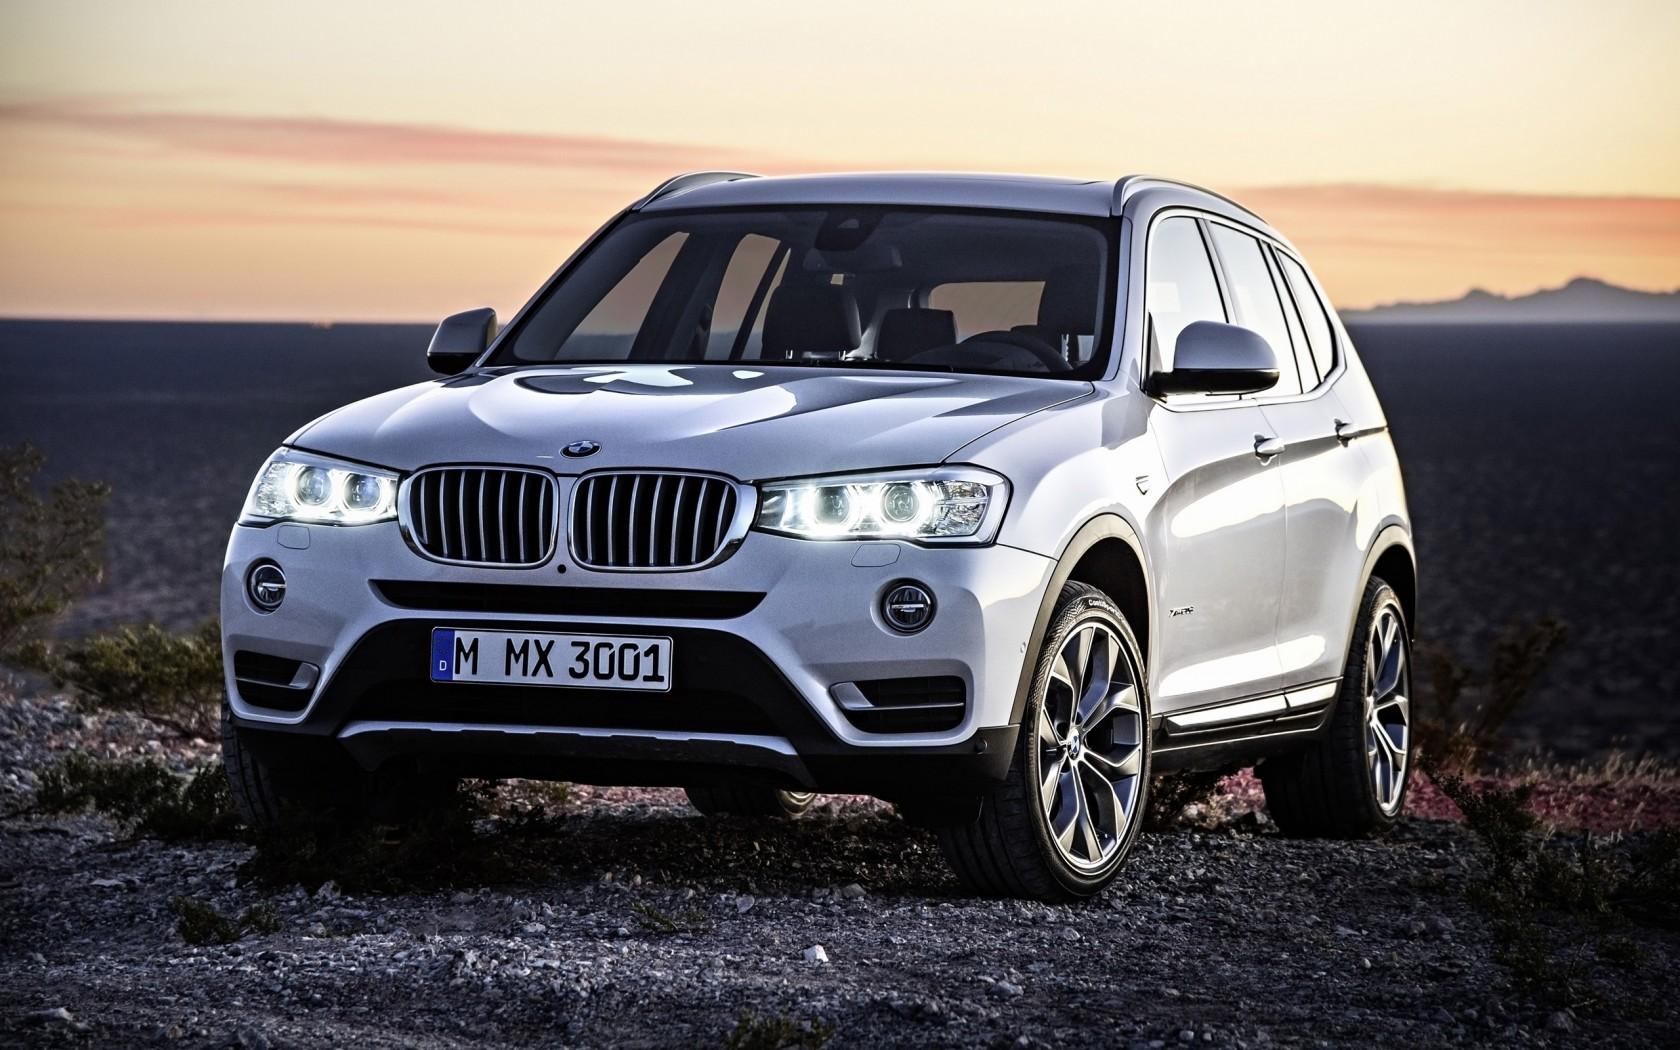 Mit 375 kw (510 ps) und 650 nm drehmoment beschleunigt dieser das fahrzeug in atemberaubenden 3,8 sekunden von 0 auf 100 … BMW X3 2014 Wallpaper | HD Car Wallpapers | ID #4121